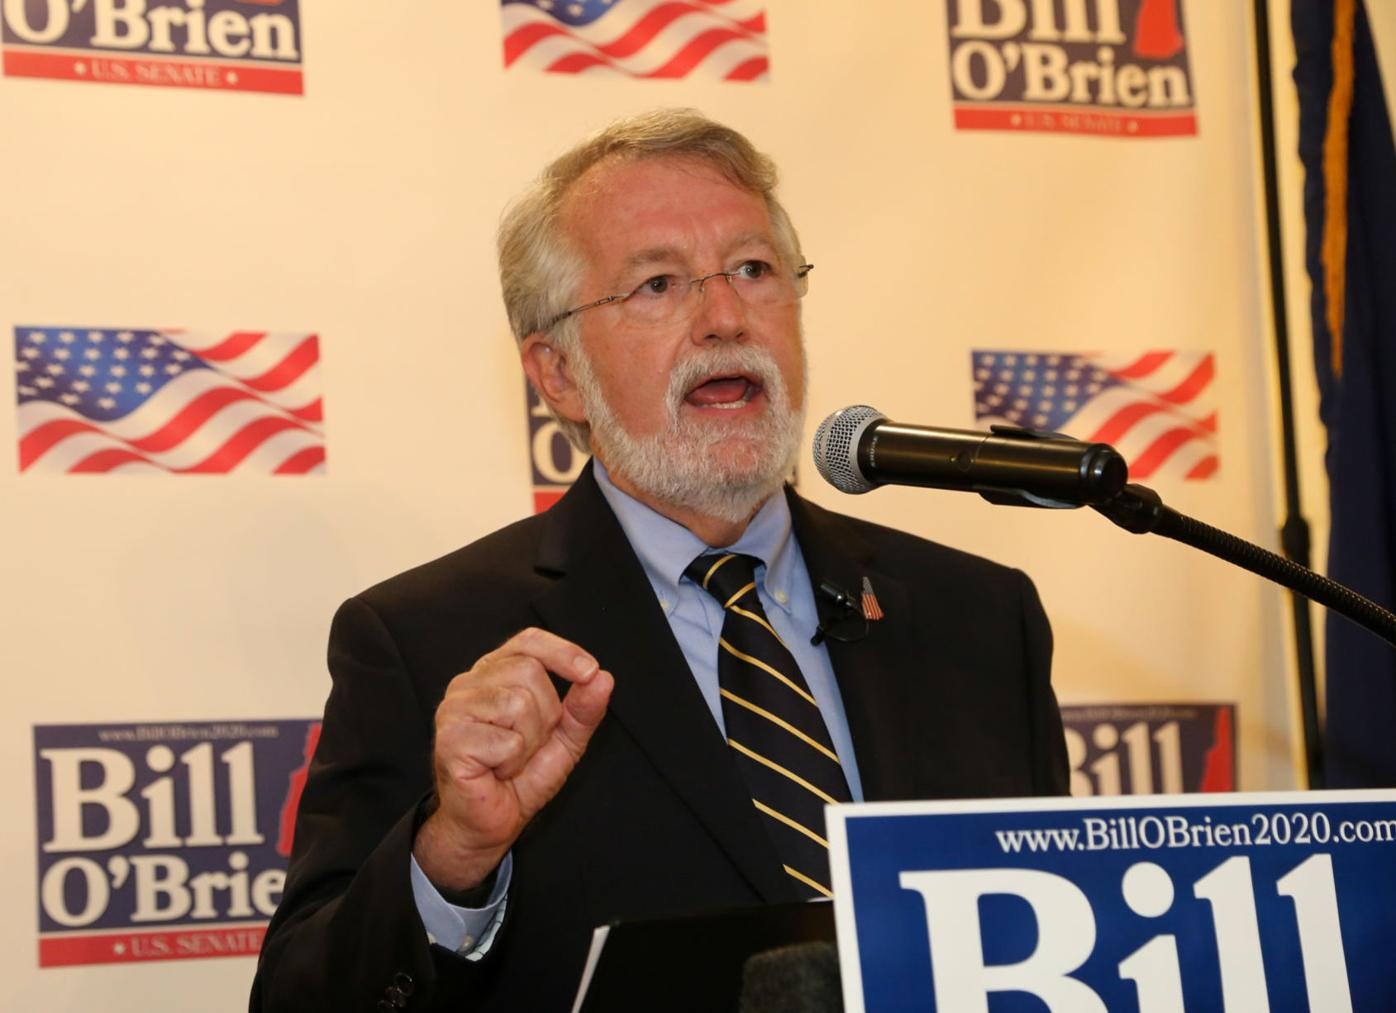 Bill O'Brien has longest anti-abortion record in field